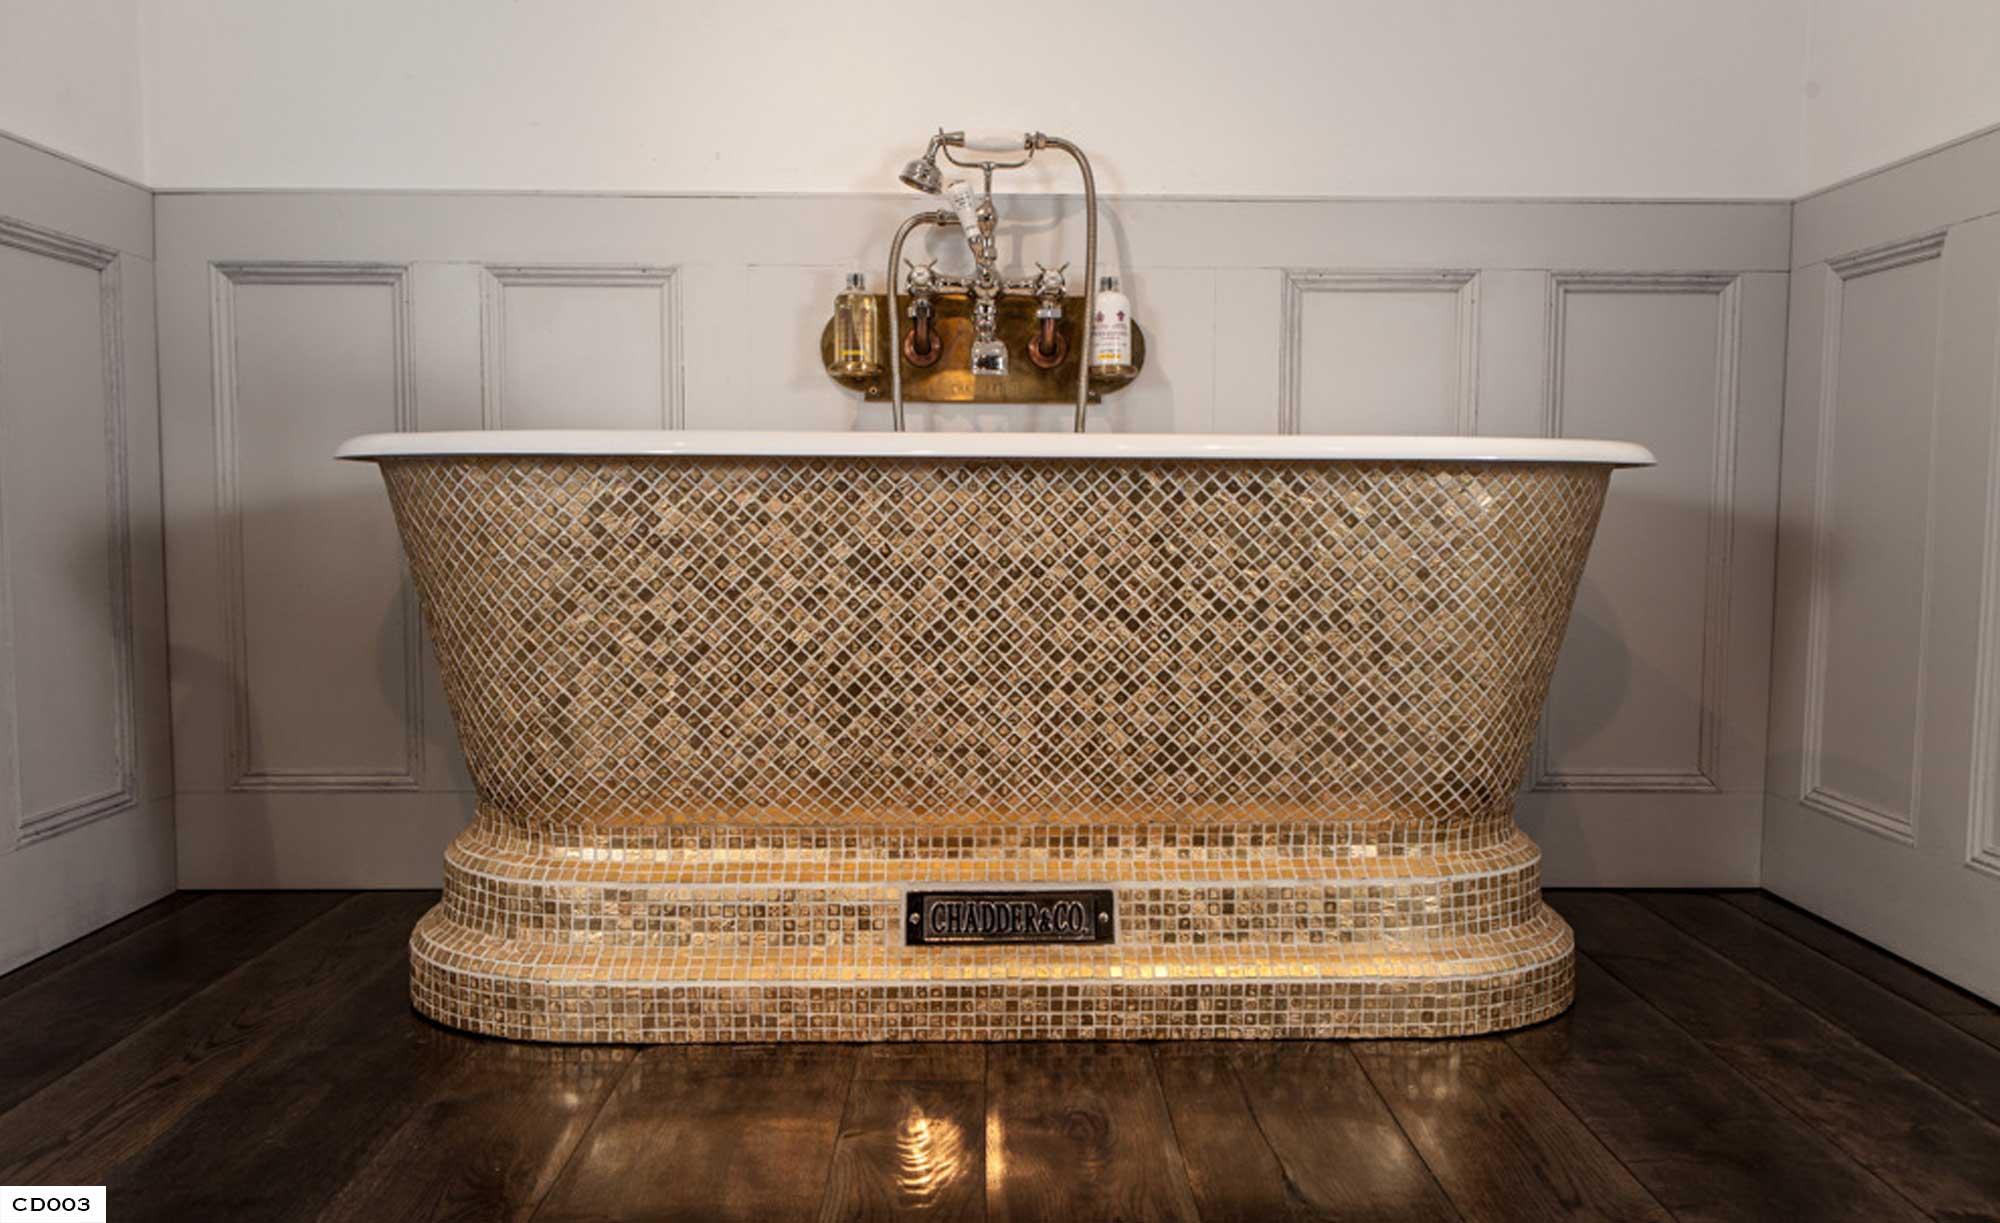 Gold Mosaic Bath , Mosaic Baths , Bespoke Cisterns, Mosaic Bathrooms , Luxury Bathroom